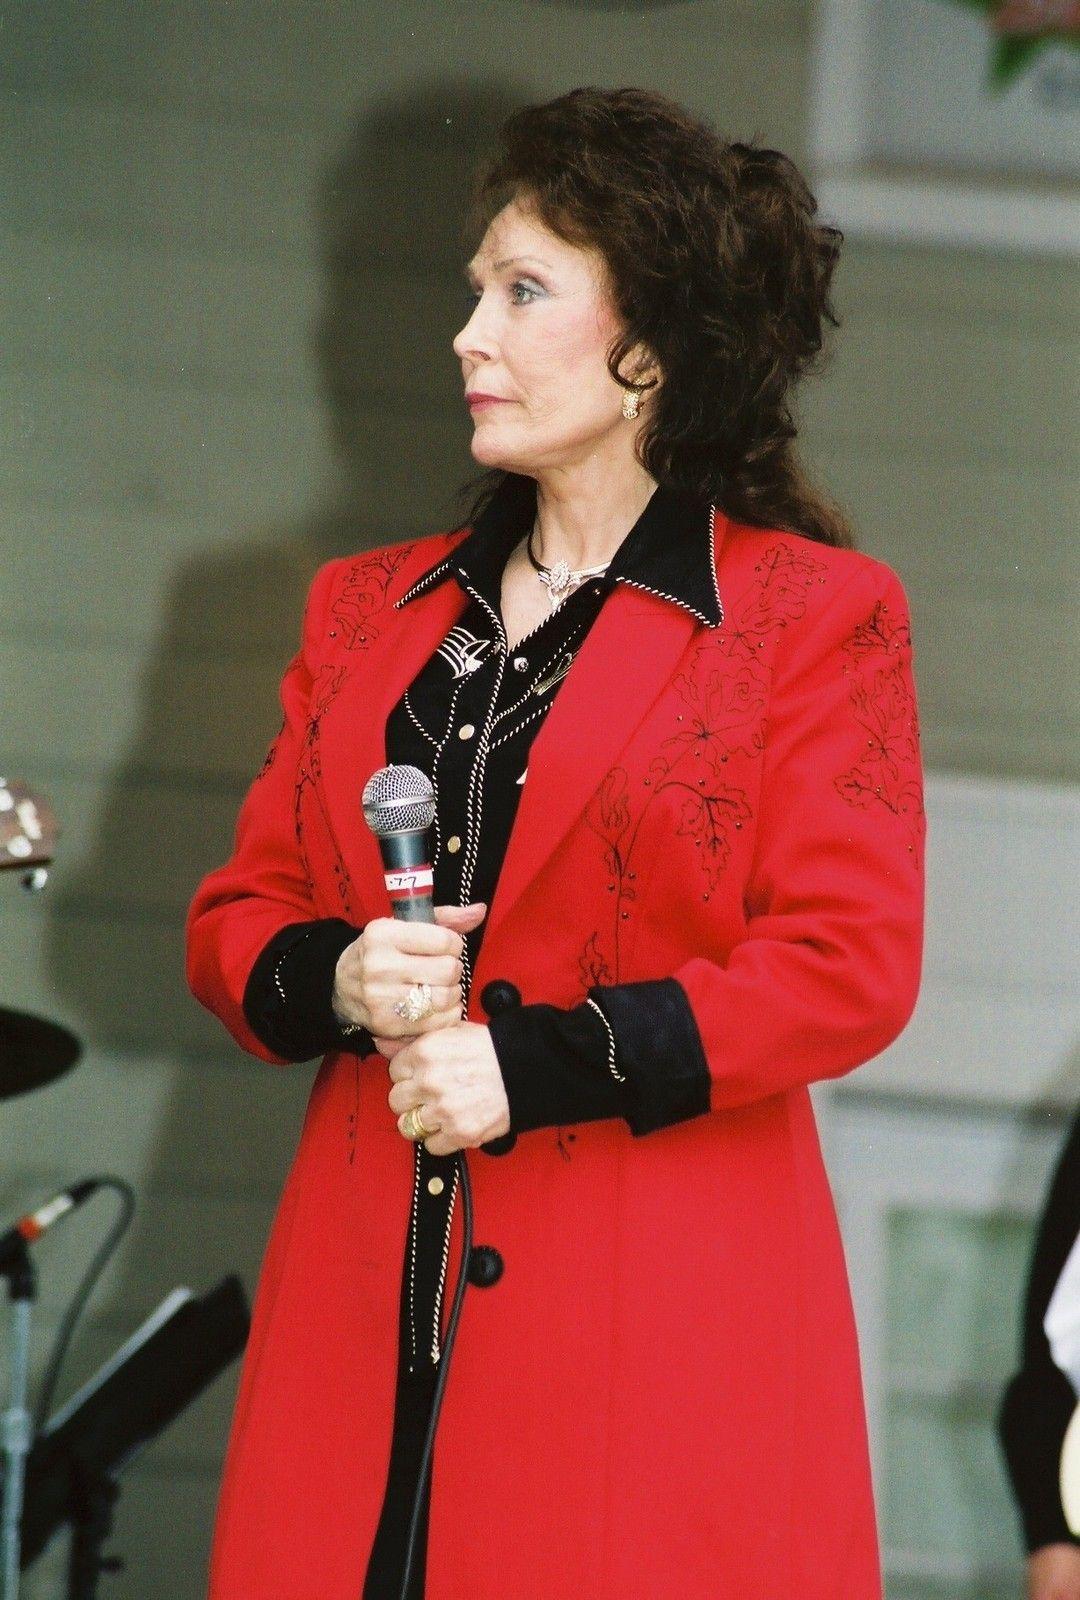 Loretta Lynn Loretta lynn